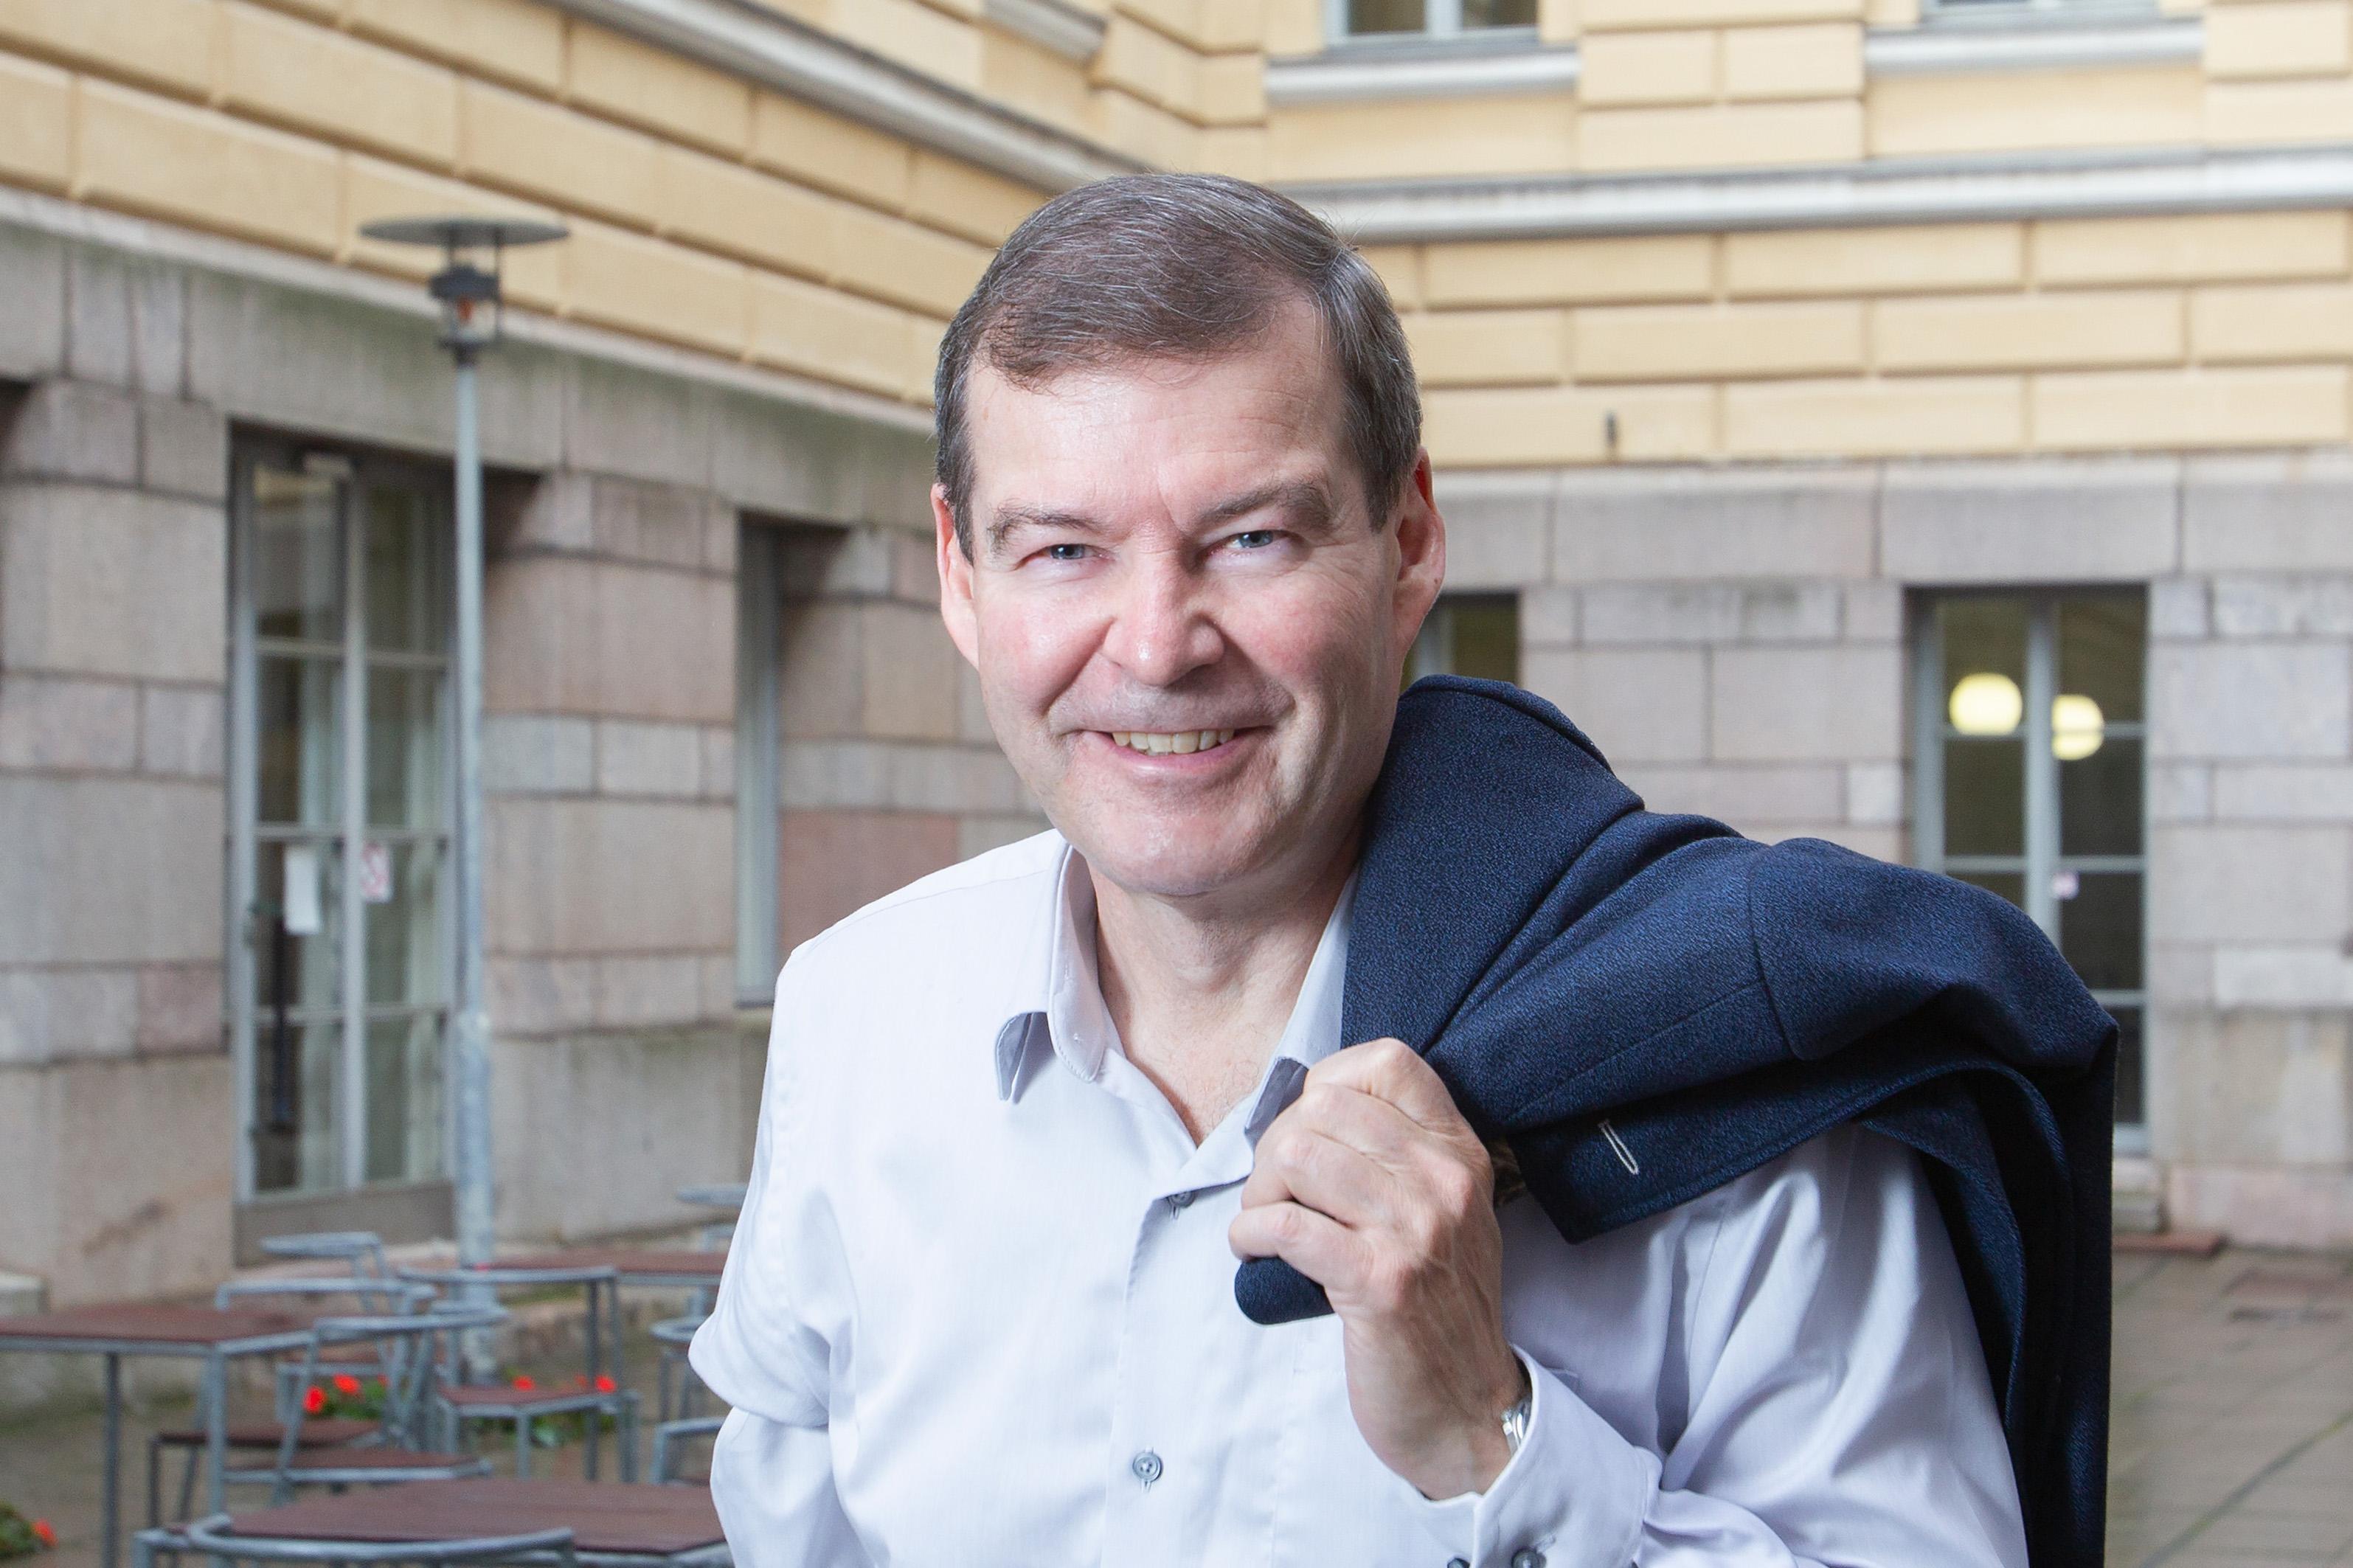 Helsingin yliopiston rehtori. professori Jari Niemelä (Kuva: Linda Tammisto)